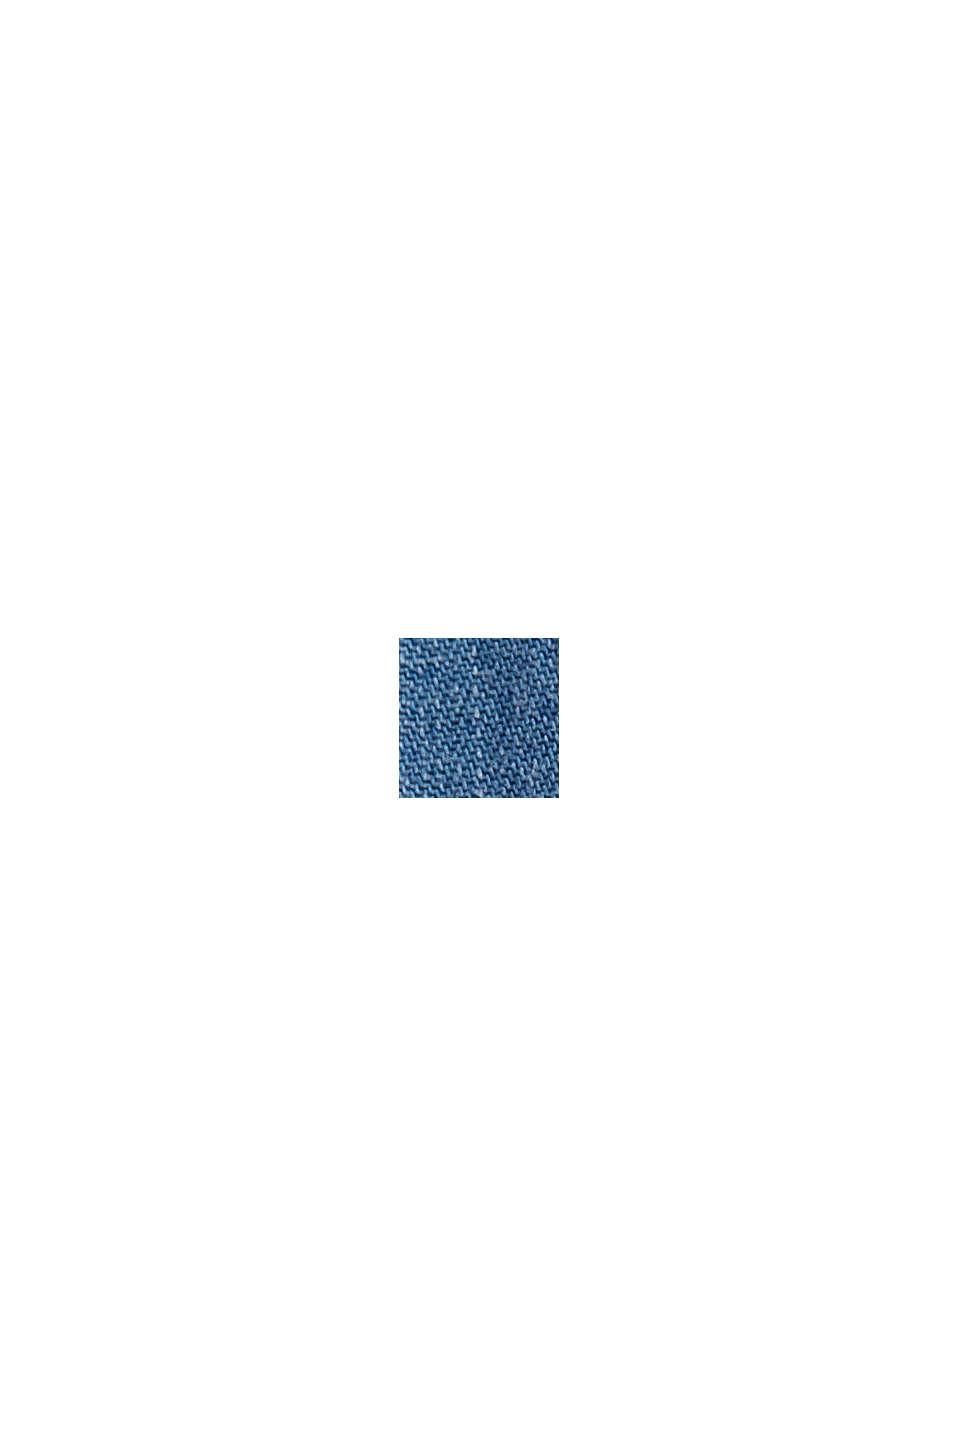 Aus TENCEL™/Bio-Baumwolle: weite Jeans-Hose, BLUE LIGHT WASHED, swatch